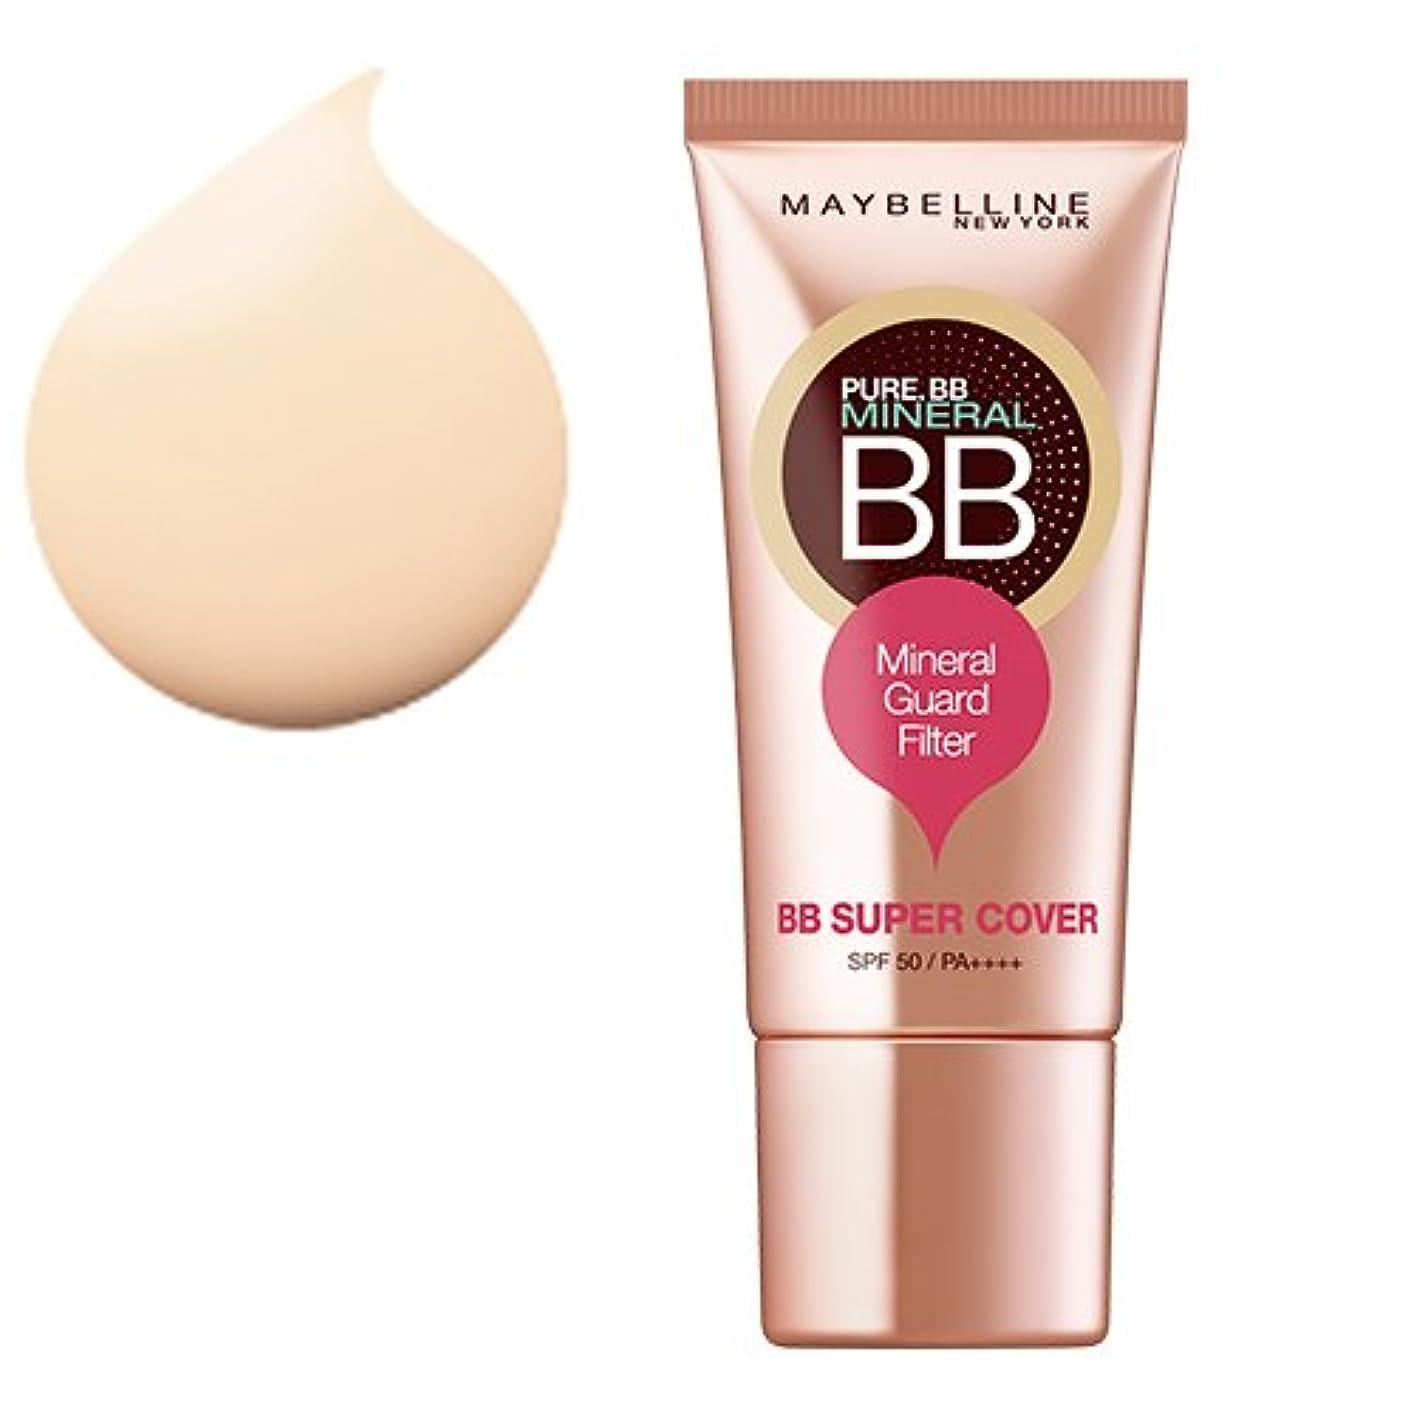 分子理解汚物メイベリン BBクリーム ピュアミネラル BB SP カバー 01 ナチュラル ベージュ